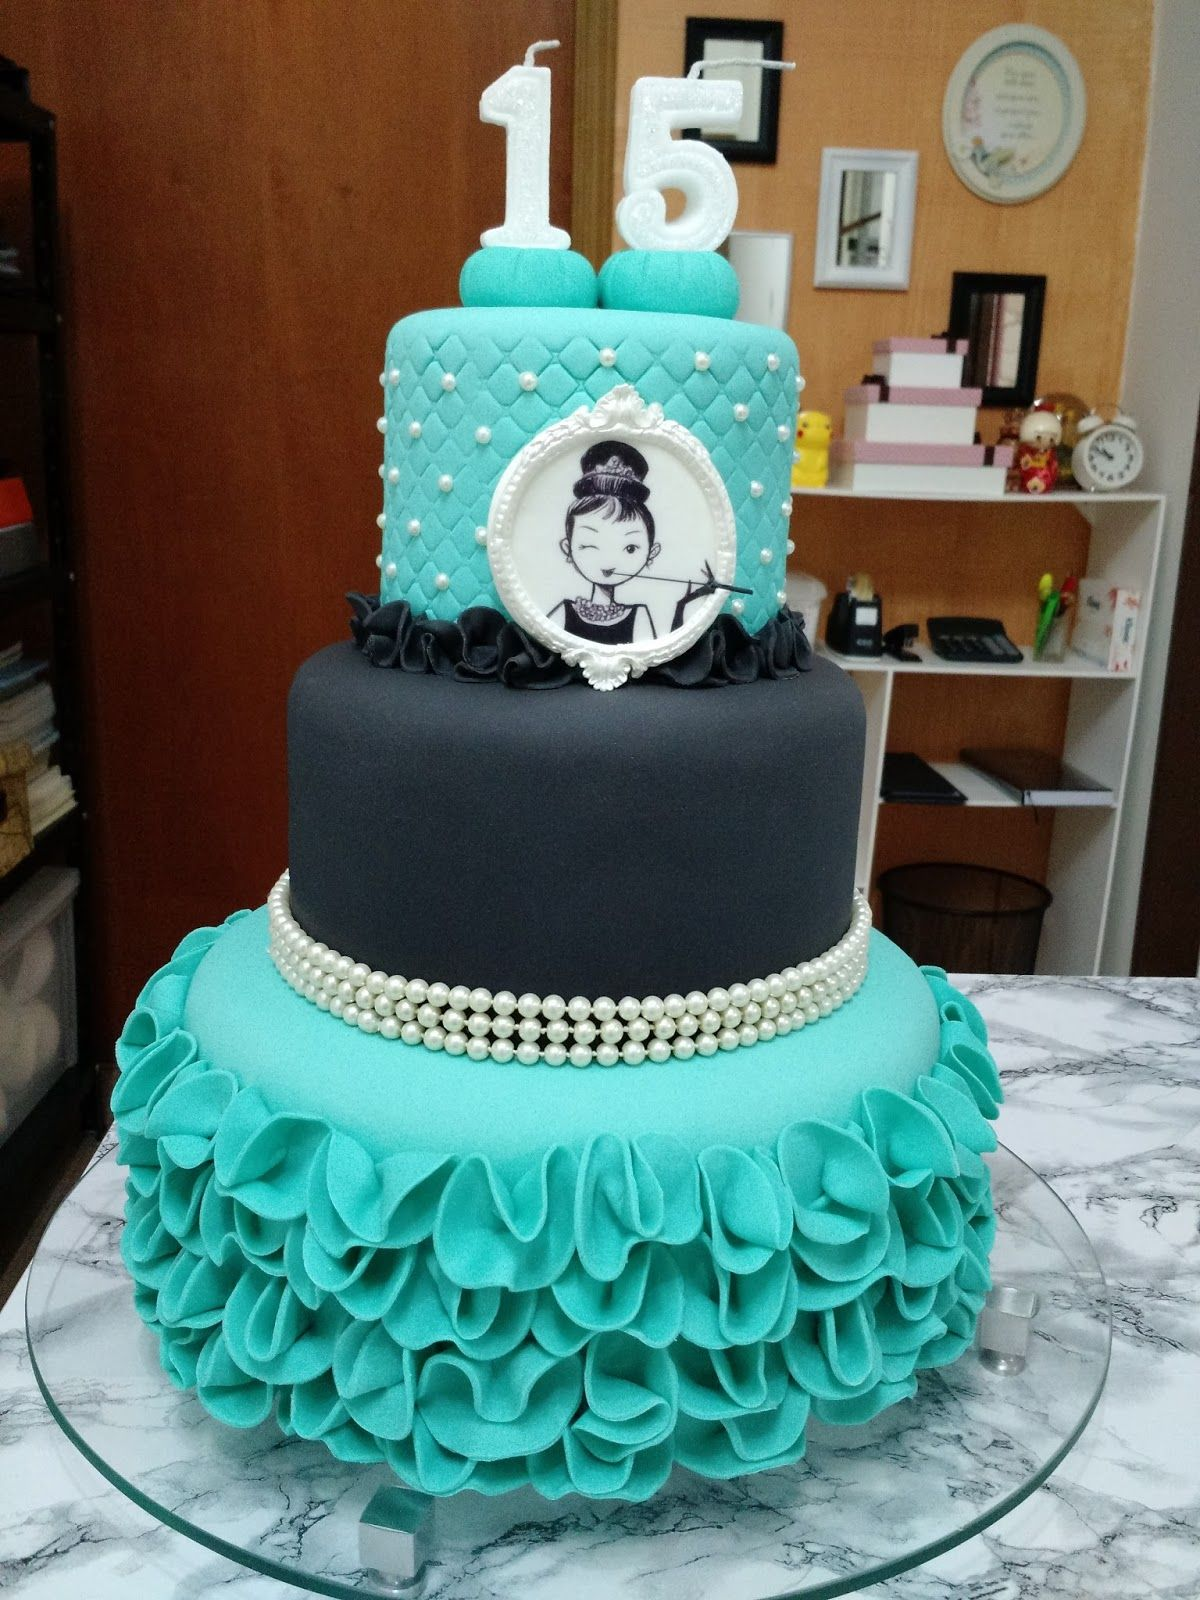 Bolos decorados para 15 anos ideias modelos e fotos de bolos de lindos modelos de bolos decorados para festa de 15 anos bolos com pasta americana bolos fake decorados com flores bolo rosa pink azul roxo e coloridos thecheapjerseys Choice Image